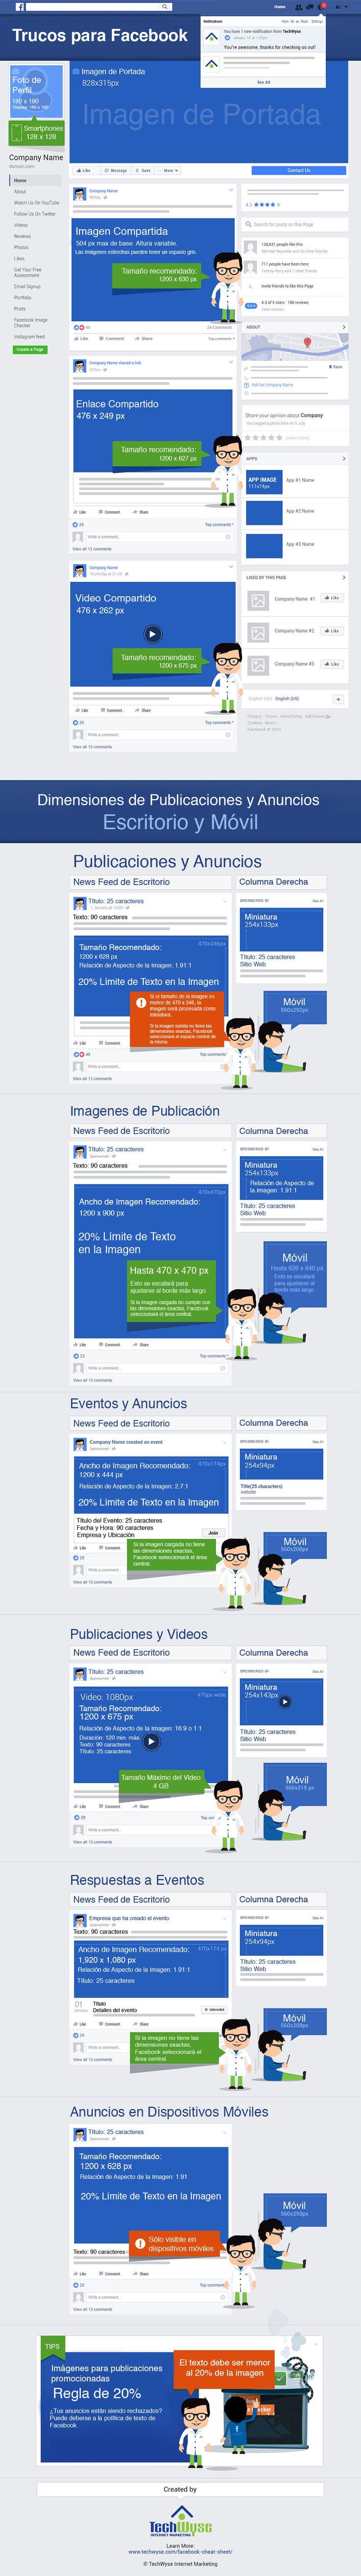 Tamaños de imágenes Facebook 2017. Guía completa.